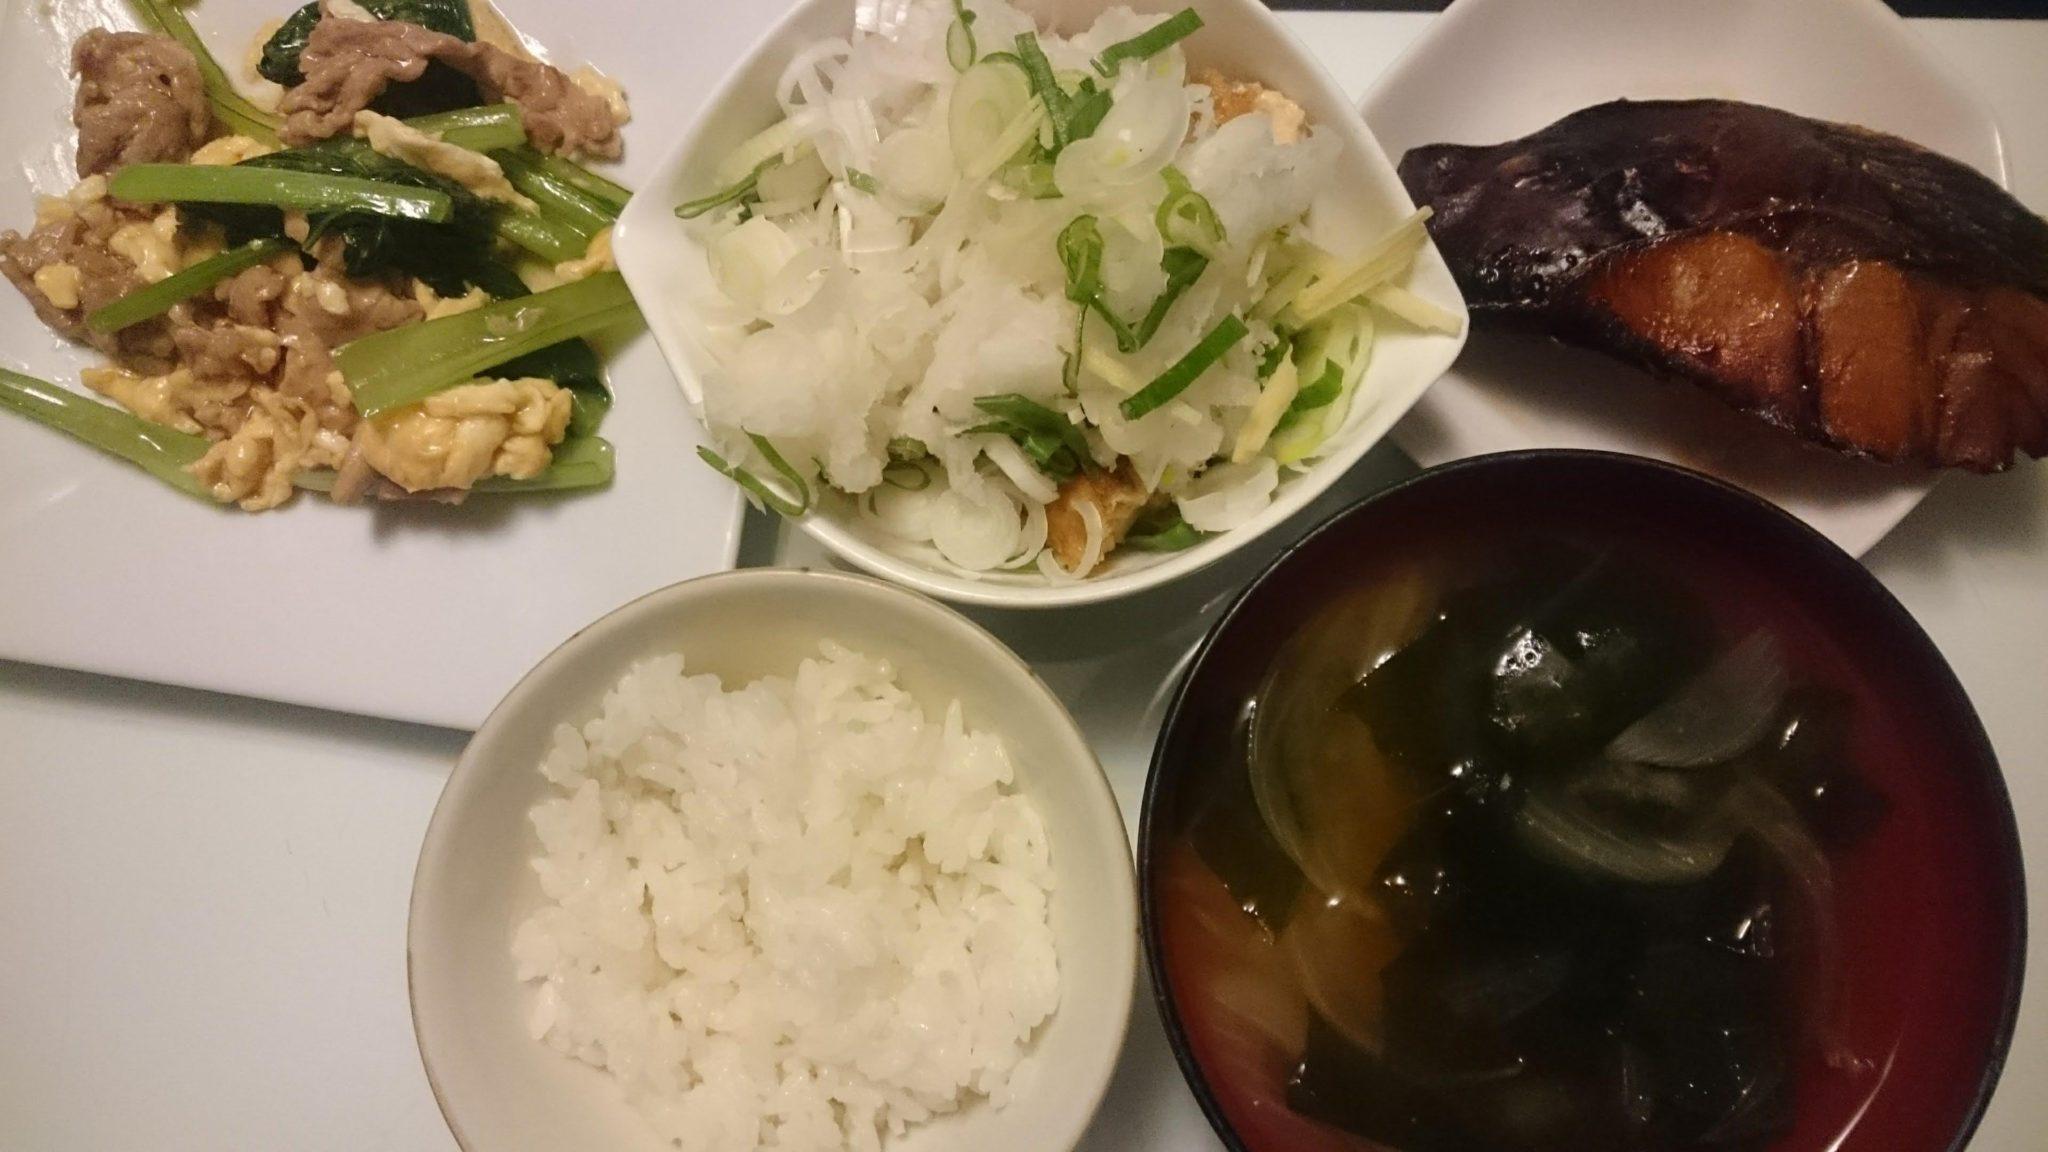 鯖のみりん醤油だれ焼き+五目生揚げの薬味あえ+豚肉と小松菜の卵炒め